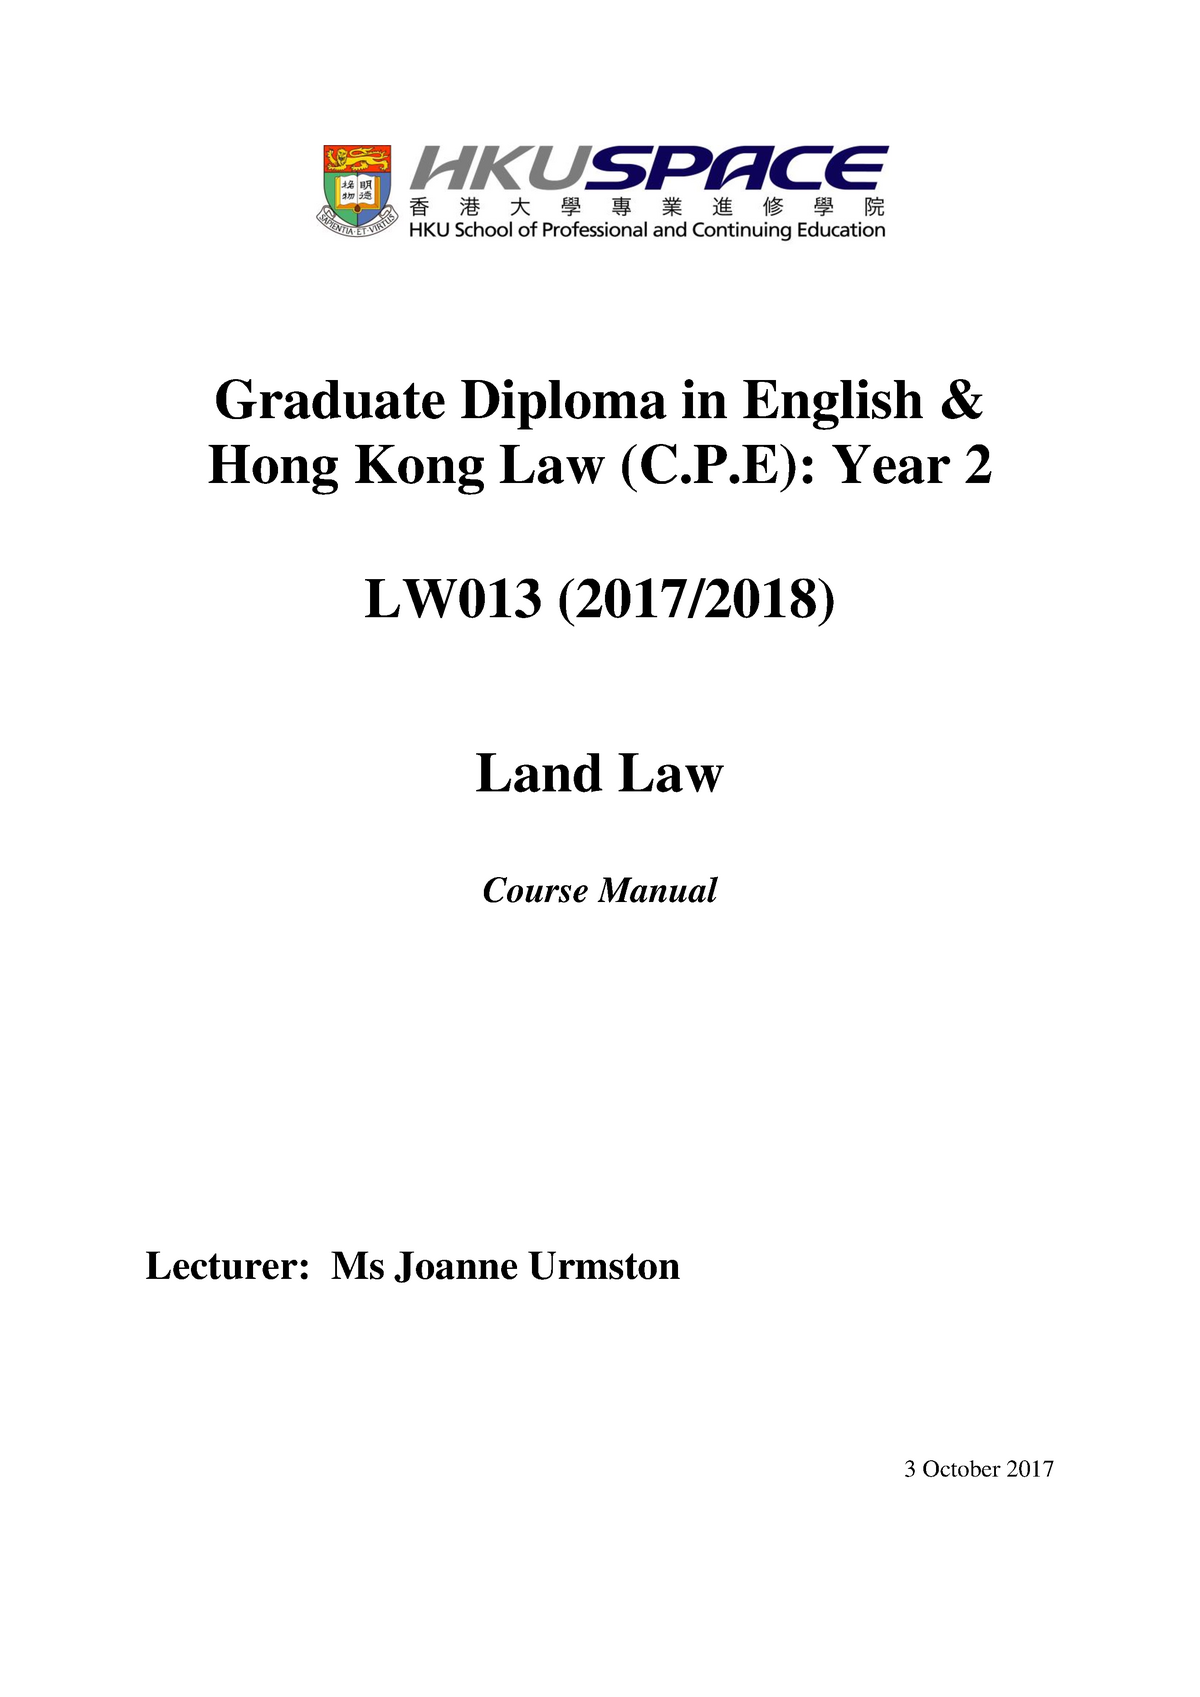 Course Manual Land Law - 456Z0404: Land Law - StuDocu